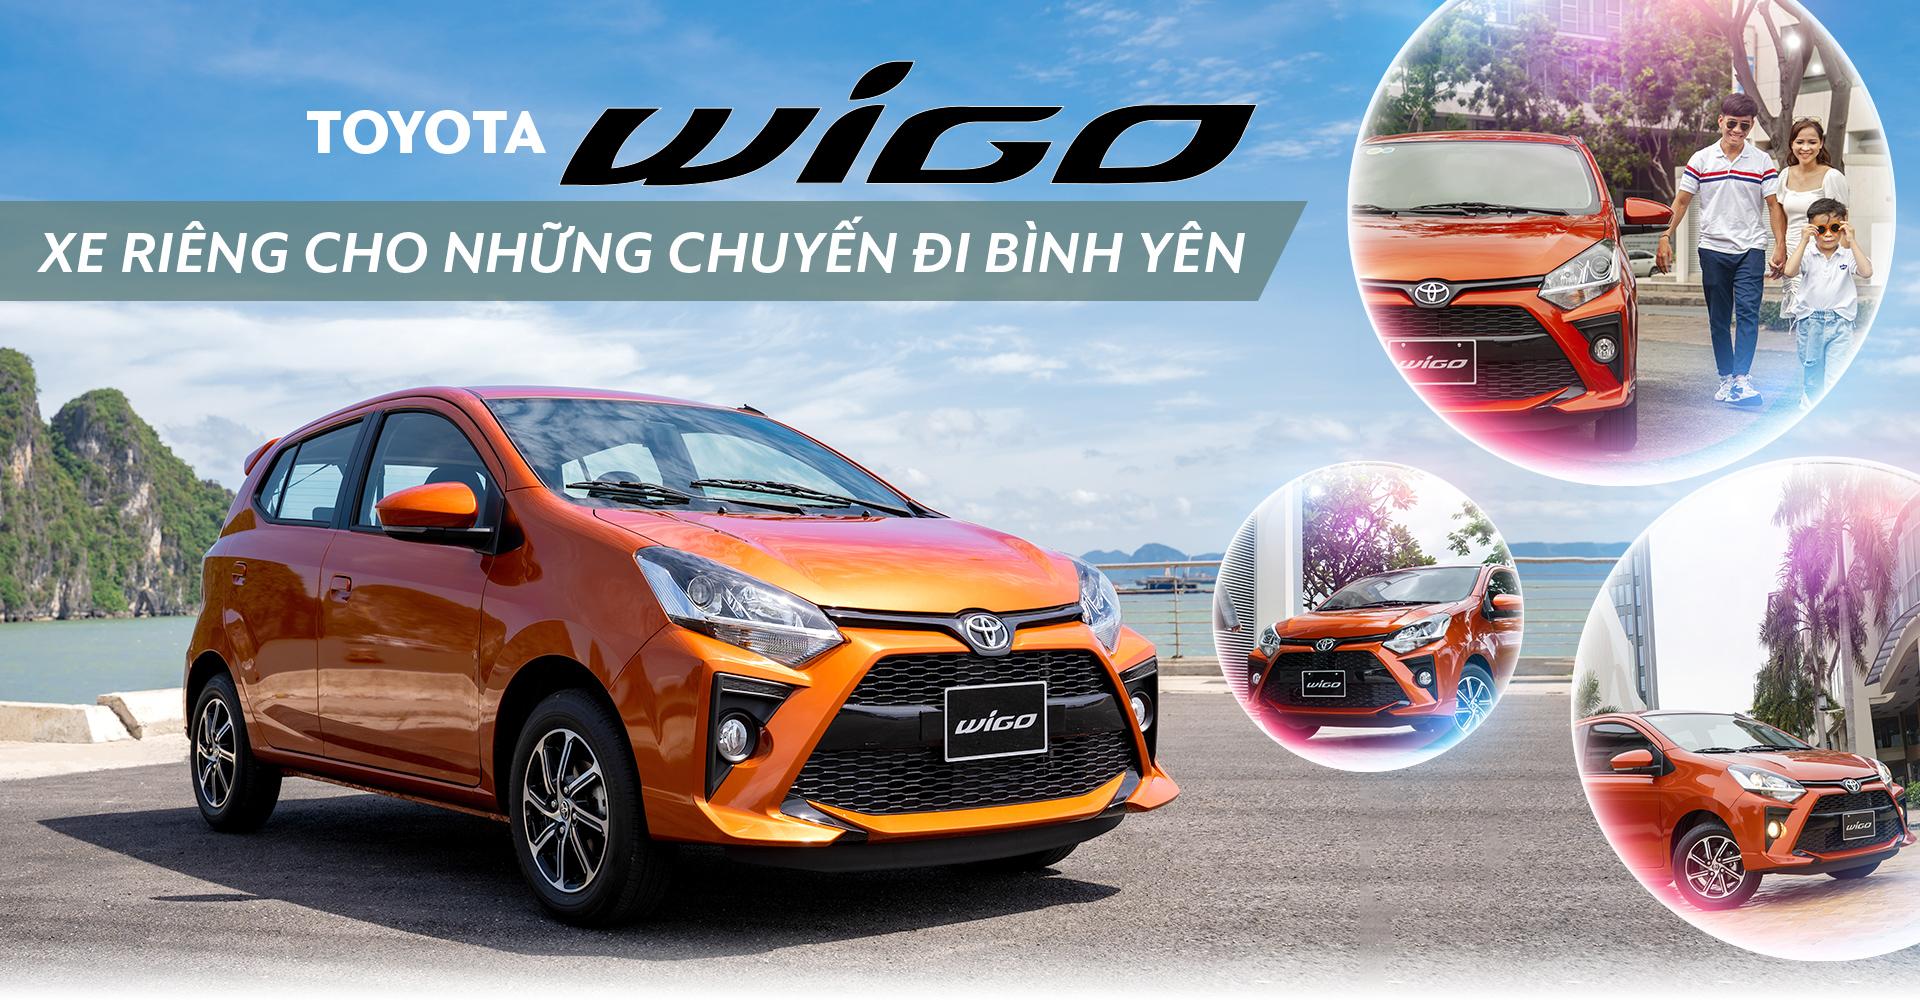 Toyota Wigo - Xe riêng cho những chuyến đi bình yên - 1